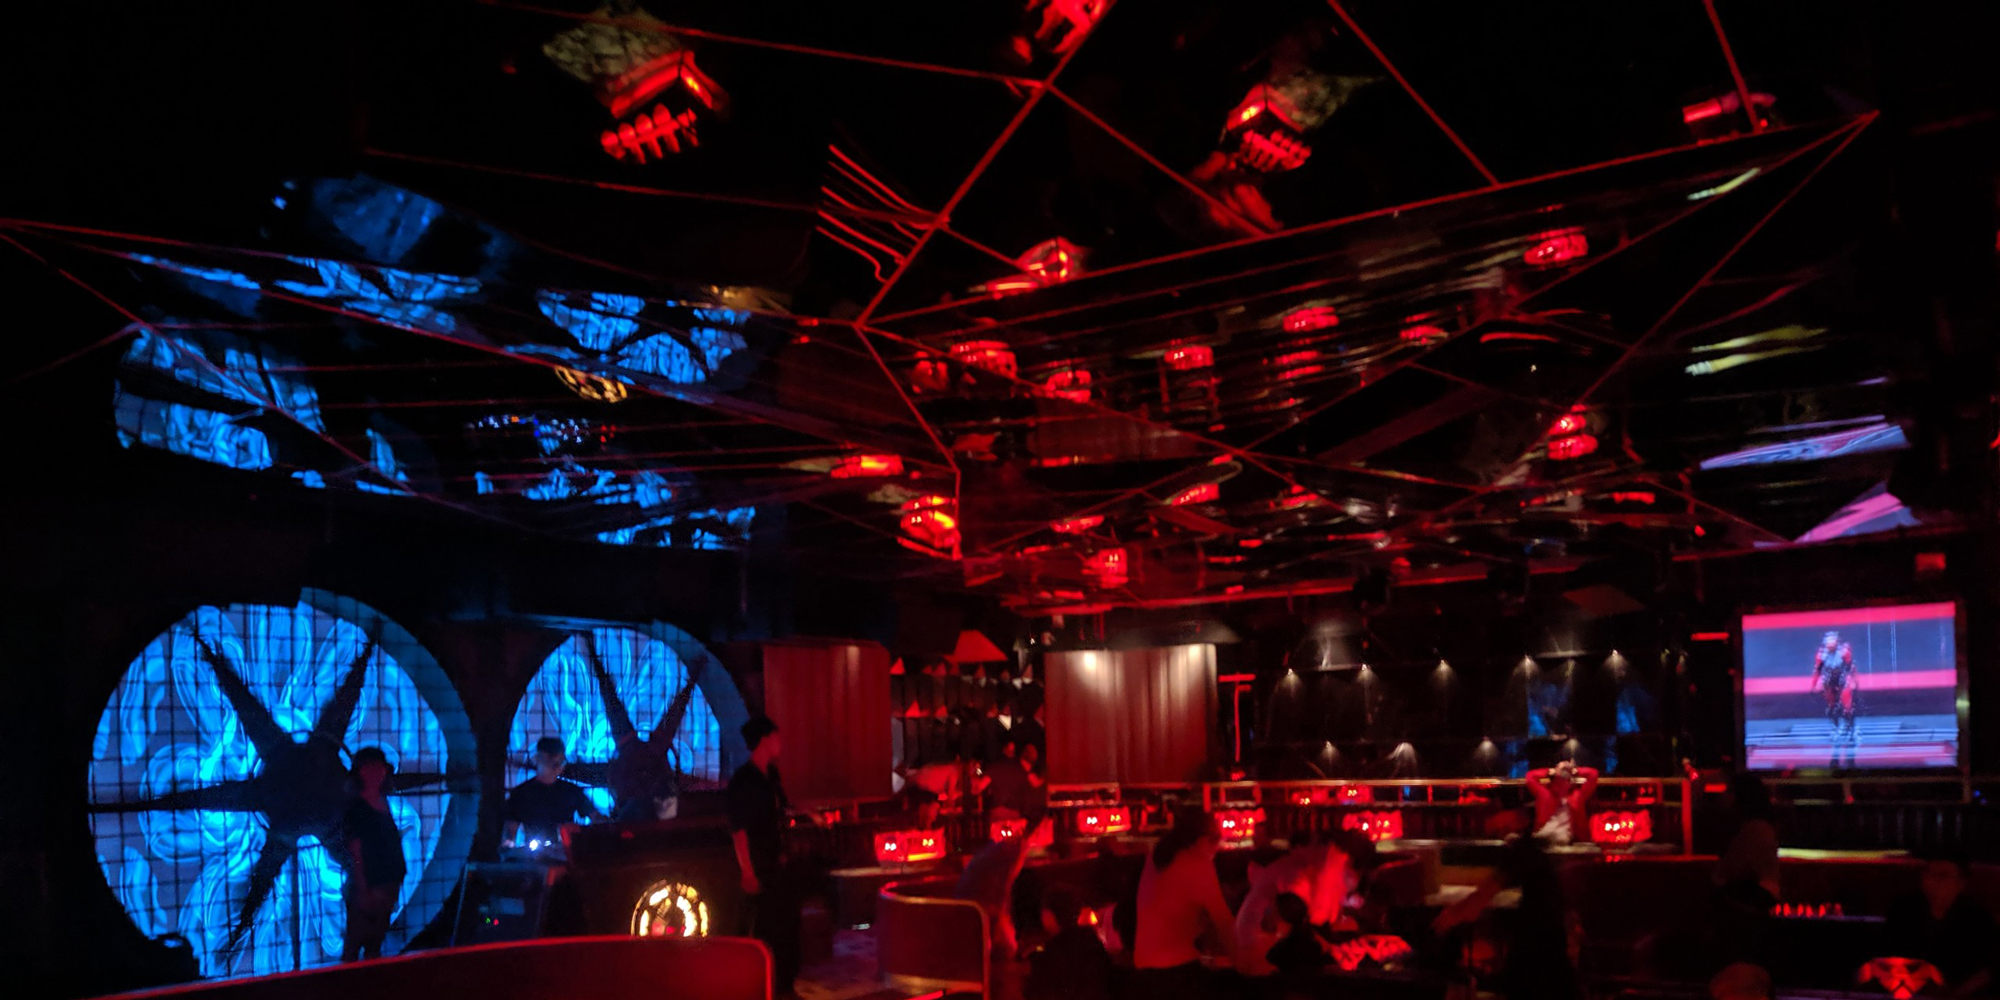 Atmos Night Club